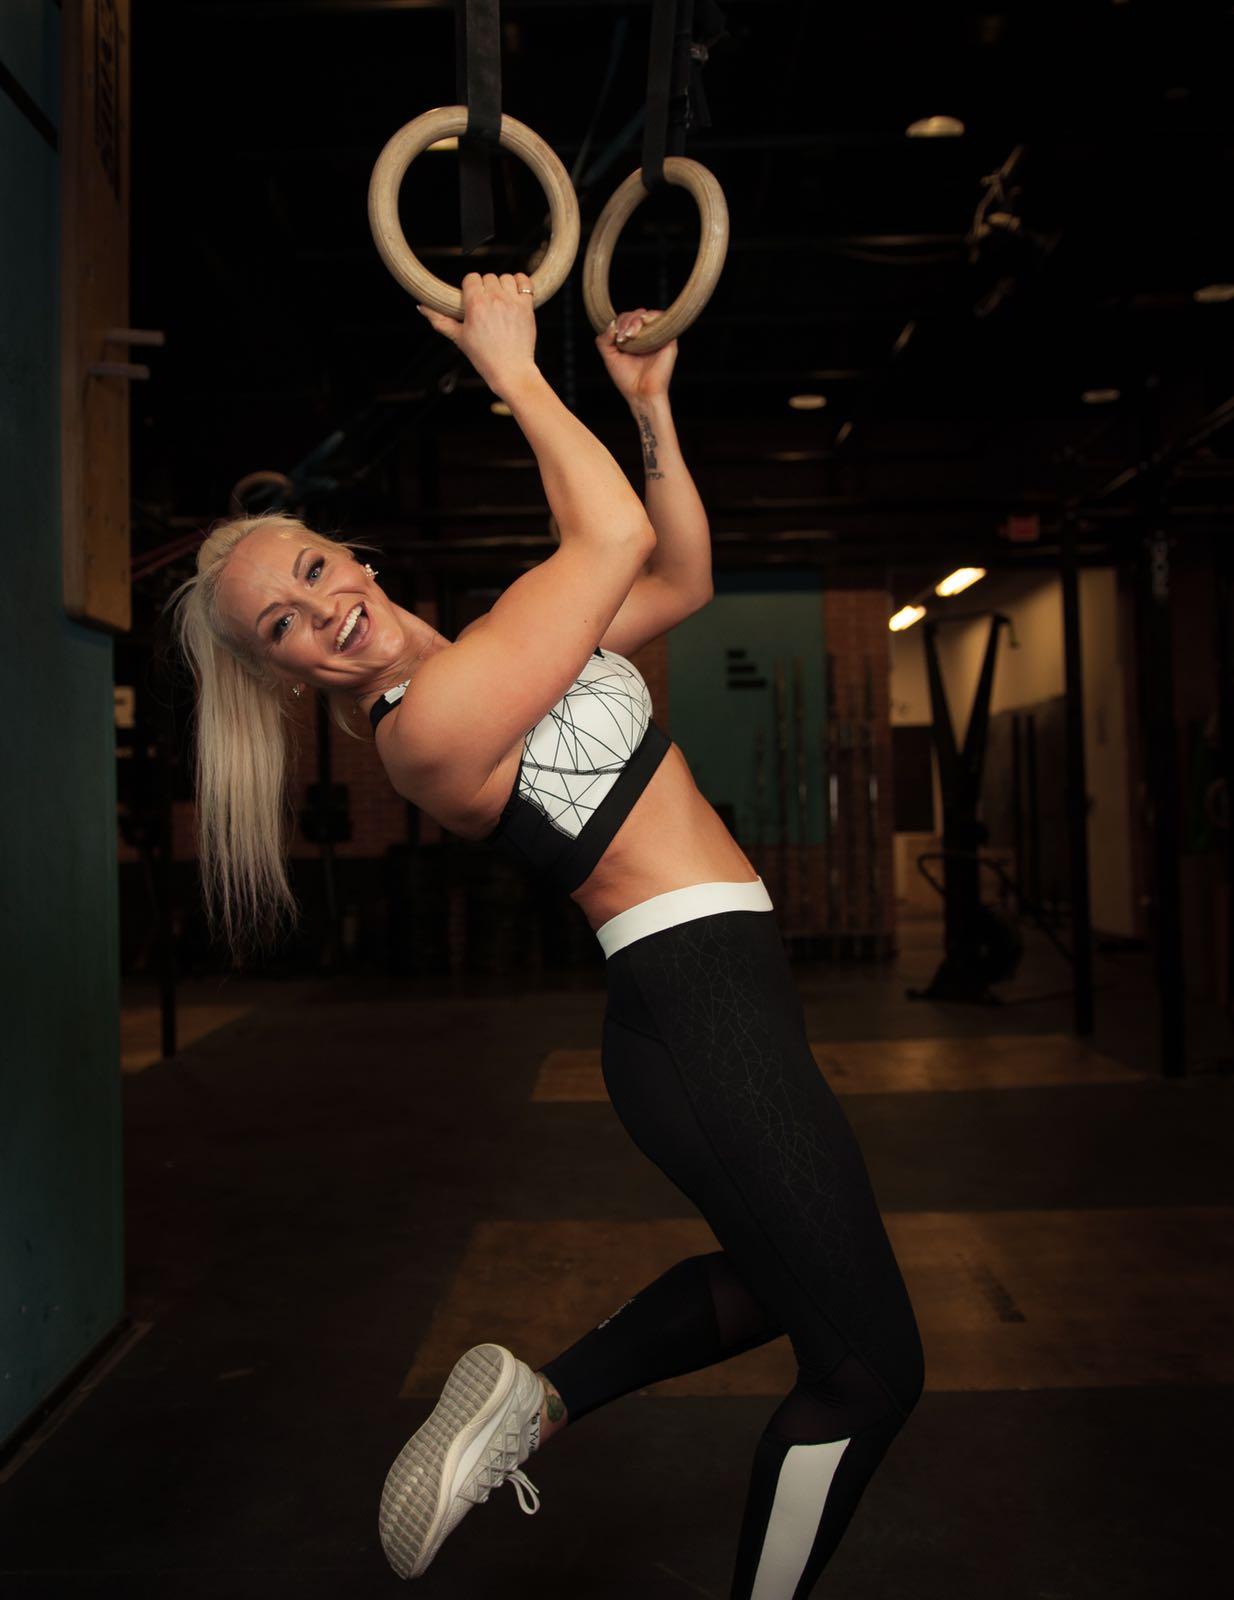 Äänestä Fitnessmalli 2018 suosikkiasi!